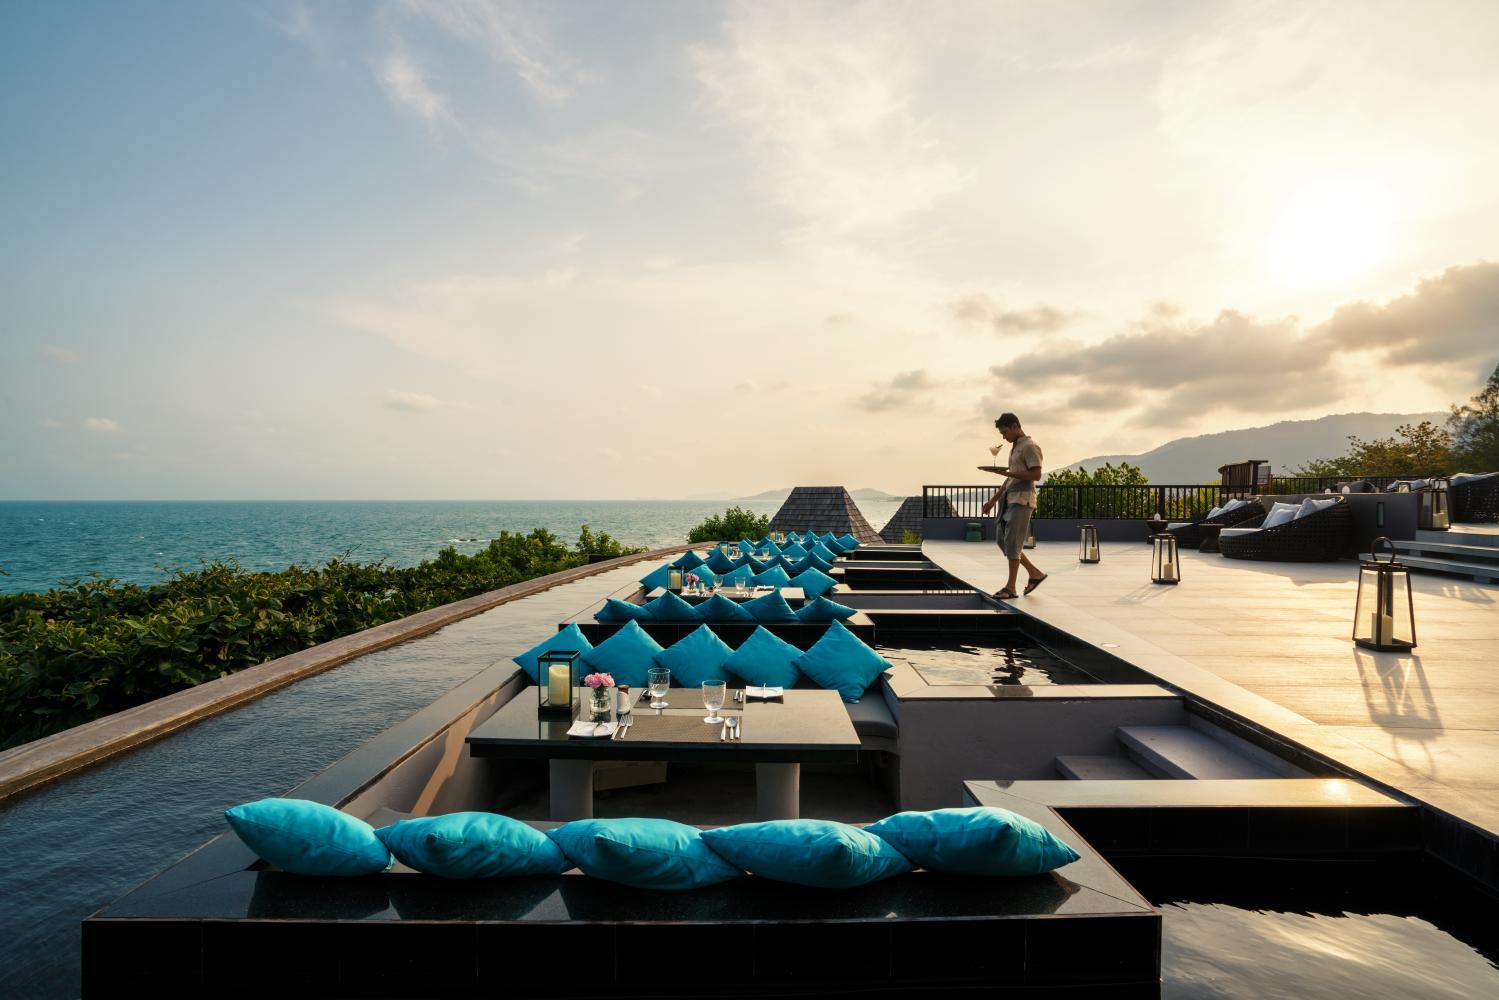 Silavadee Pool Spa Resort, Koh Samui